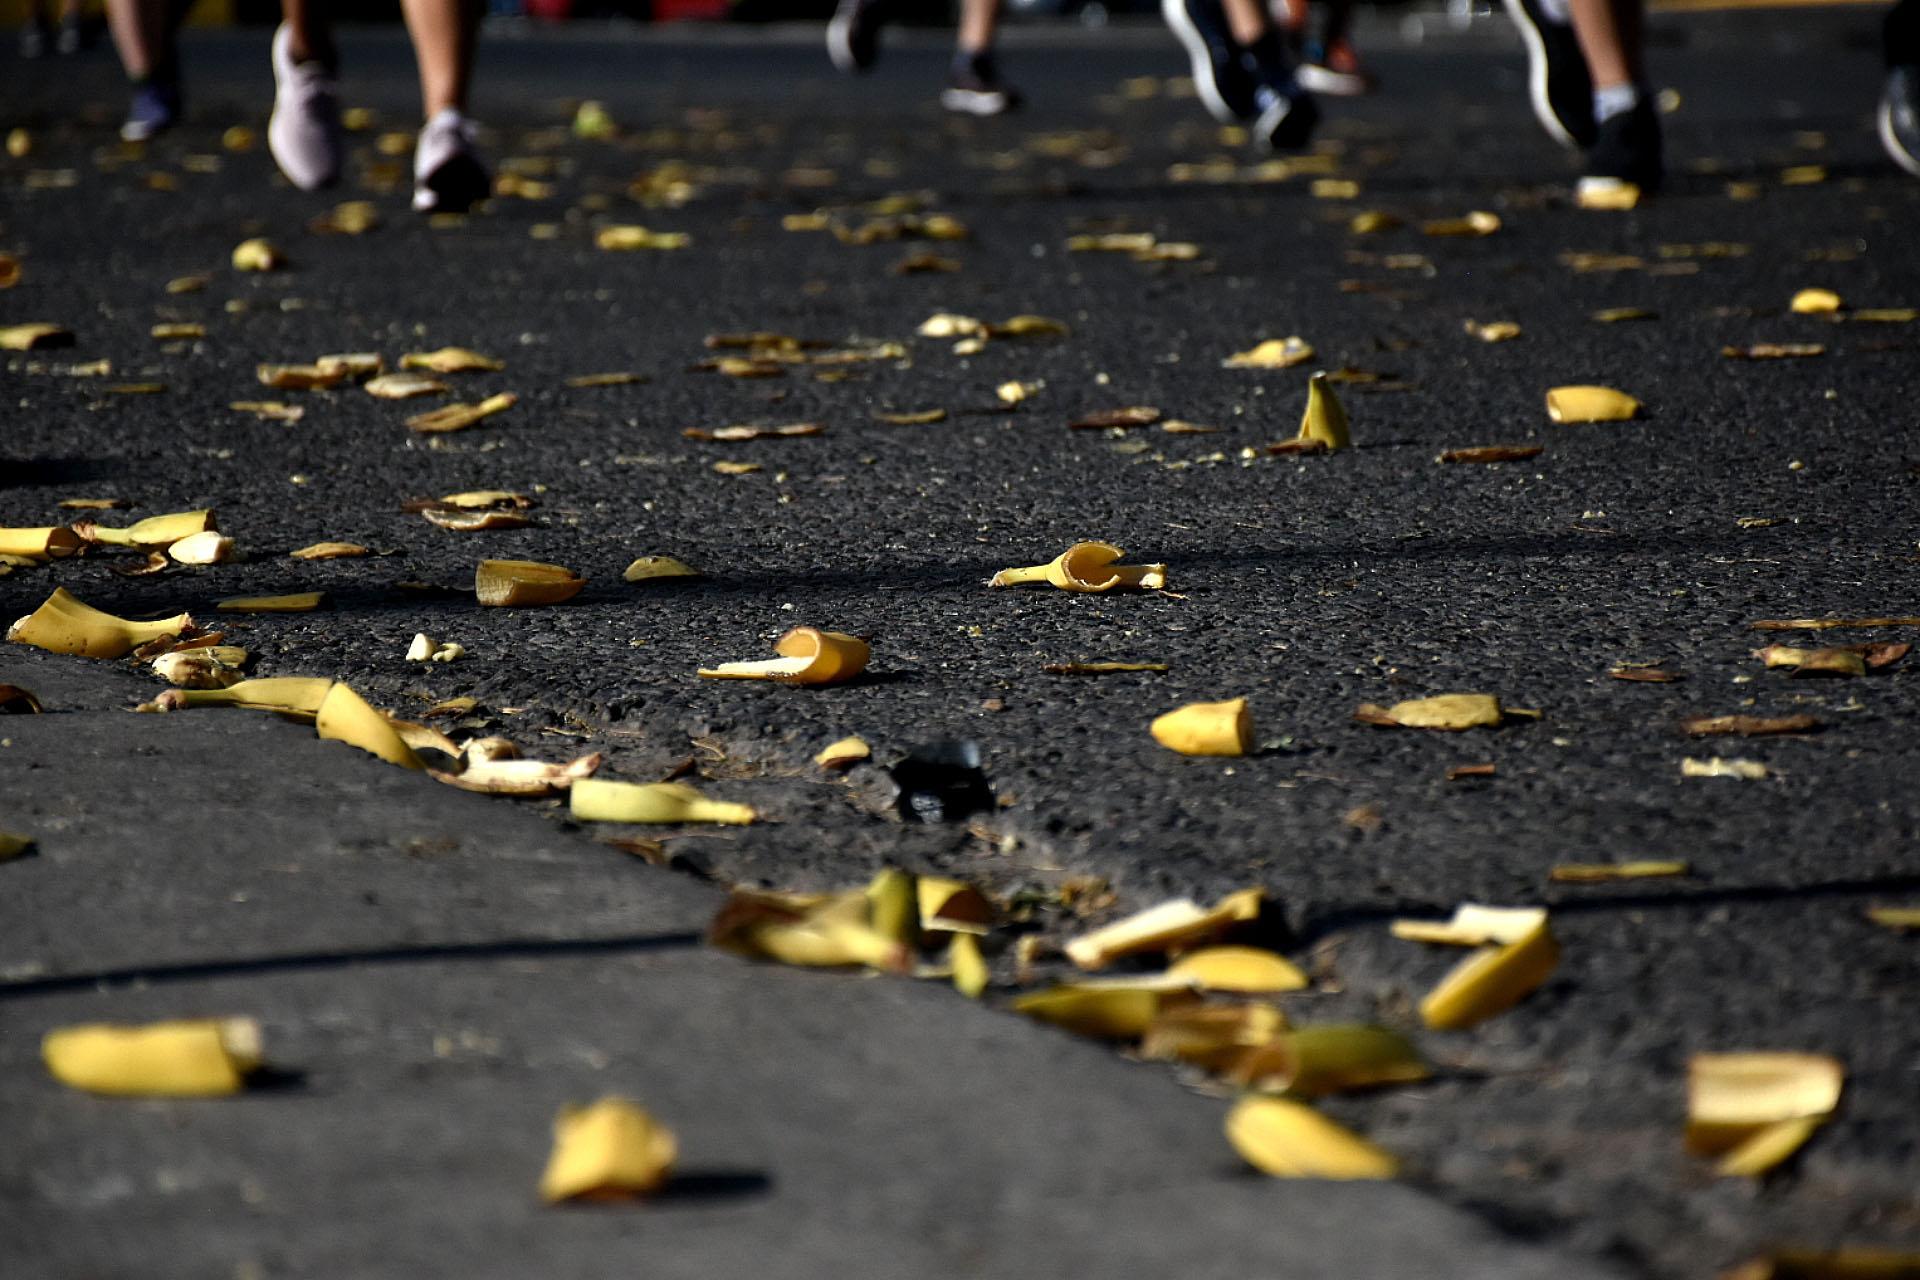 Las bananas fueron una de la fuente de alimento y energía de la mayoría de los participantes